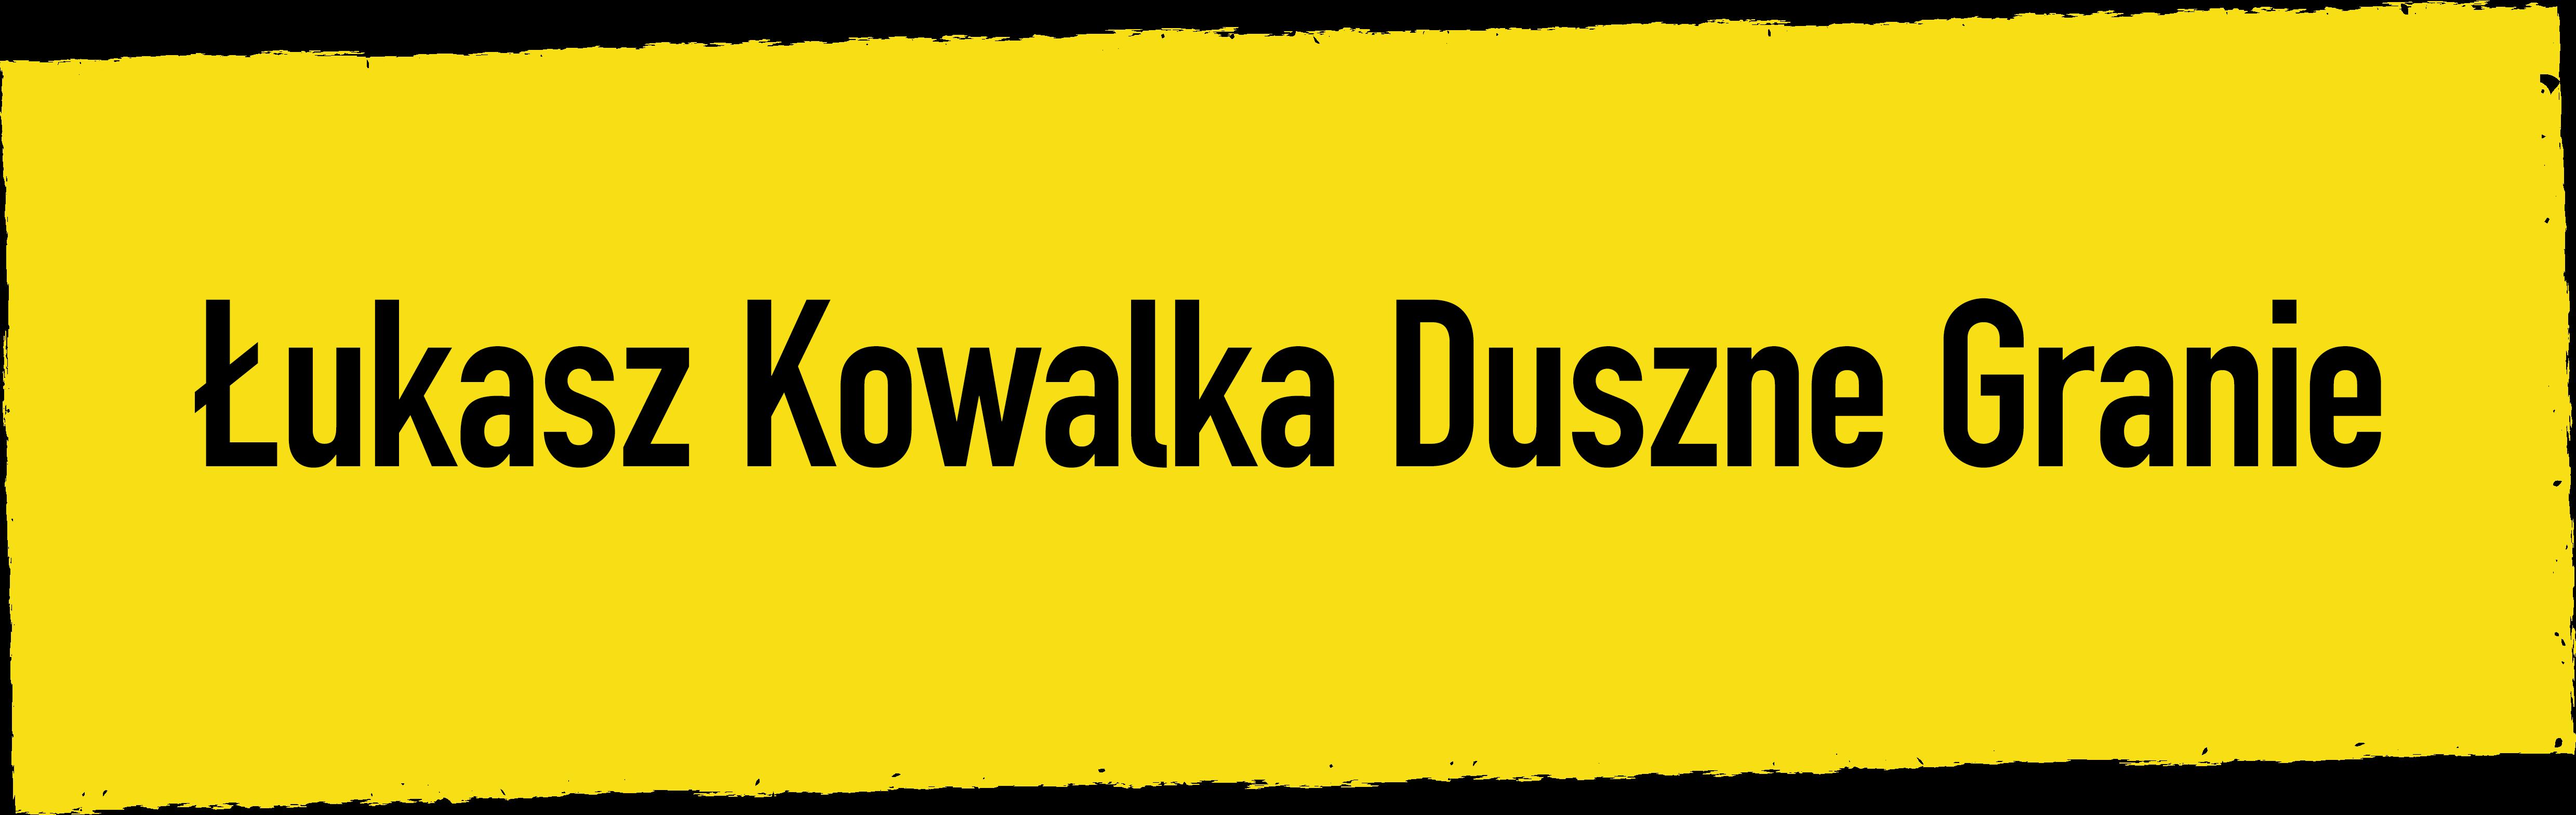 Łukasz Kowalka Duszne Granie